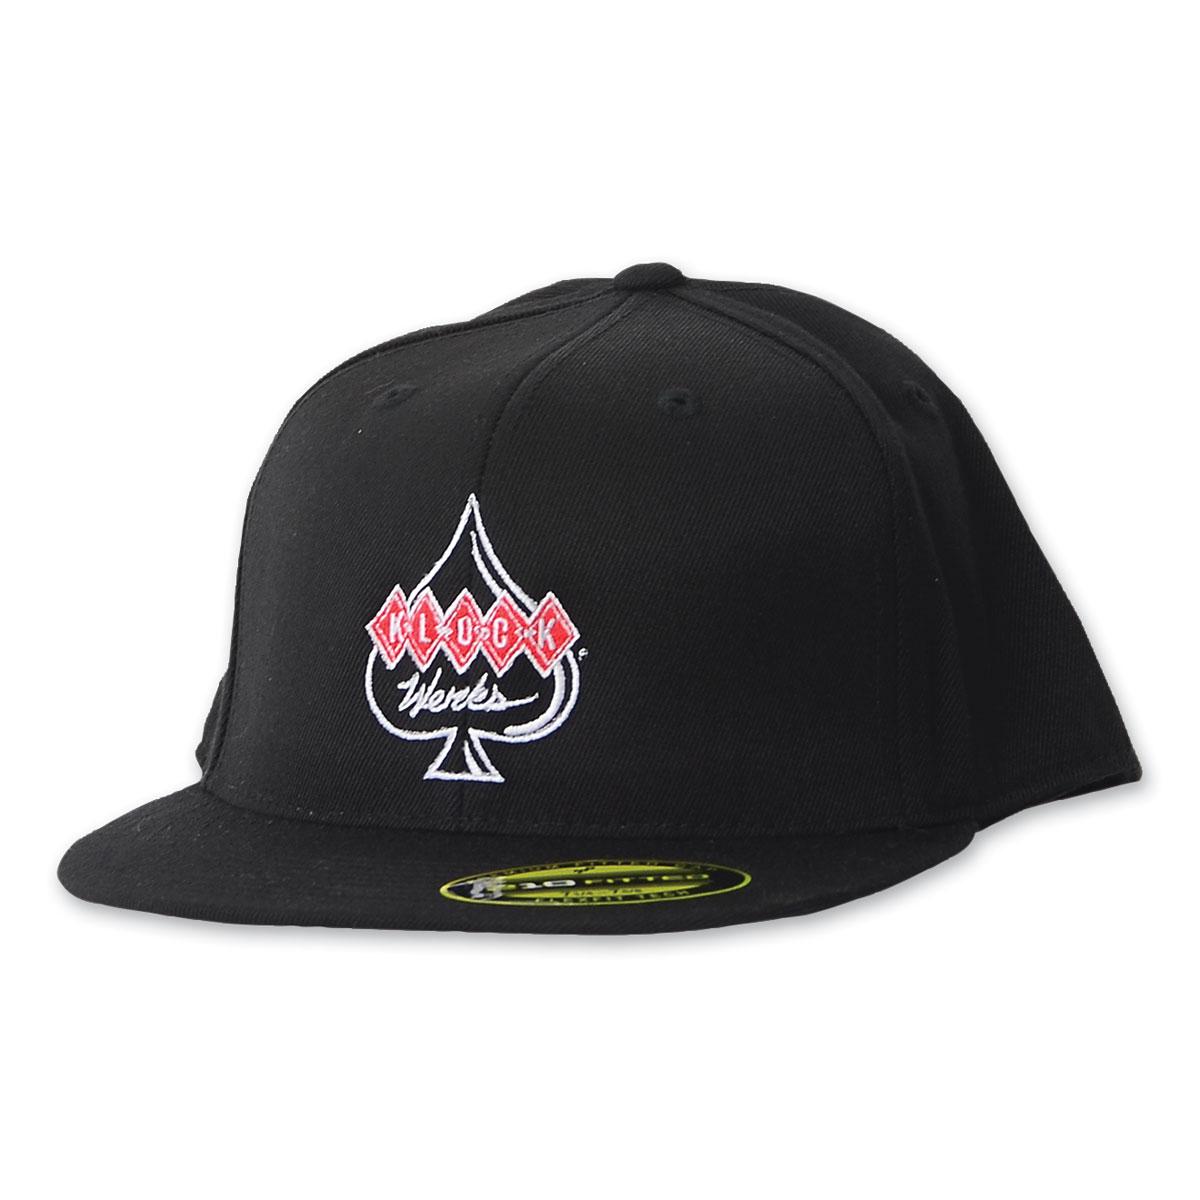 Klock Werks Center Logo Flatbill Black Cap